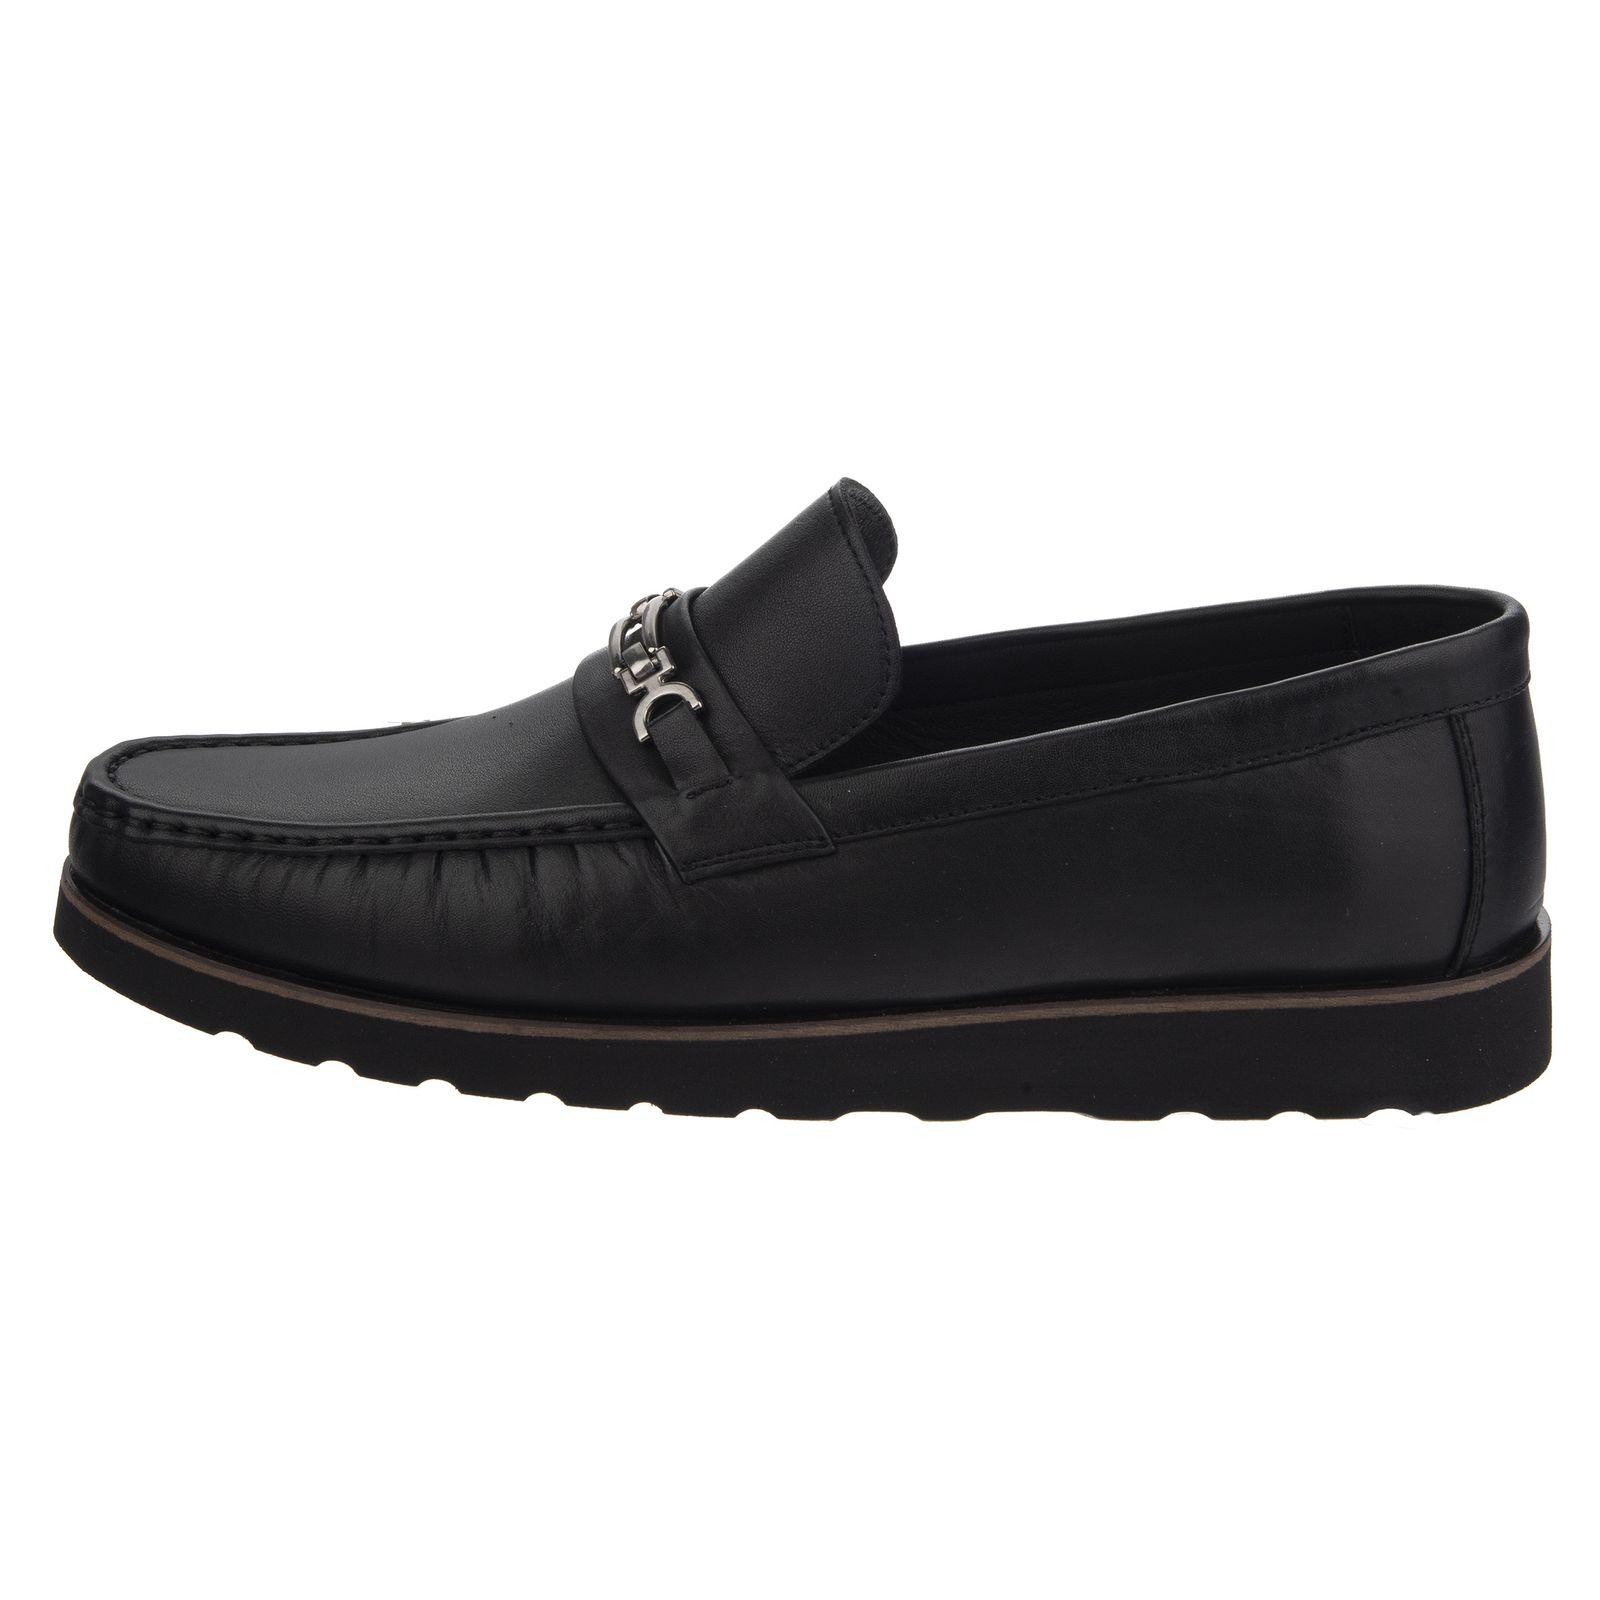 کفش مردانه گاندو مدل 711-99 - مشکی - 2